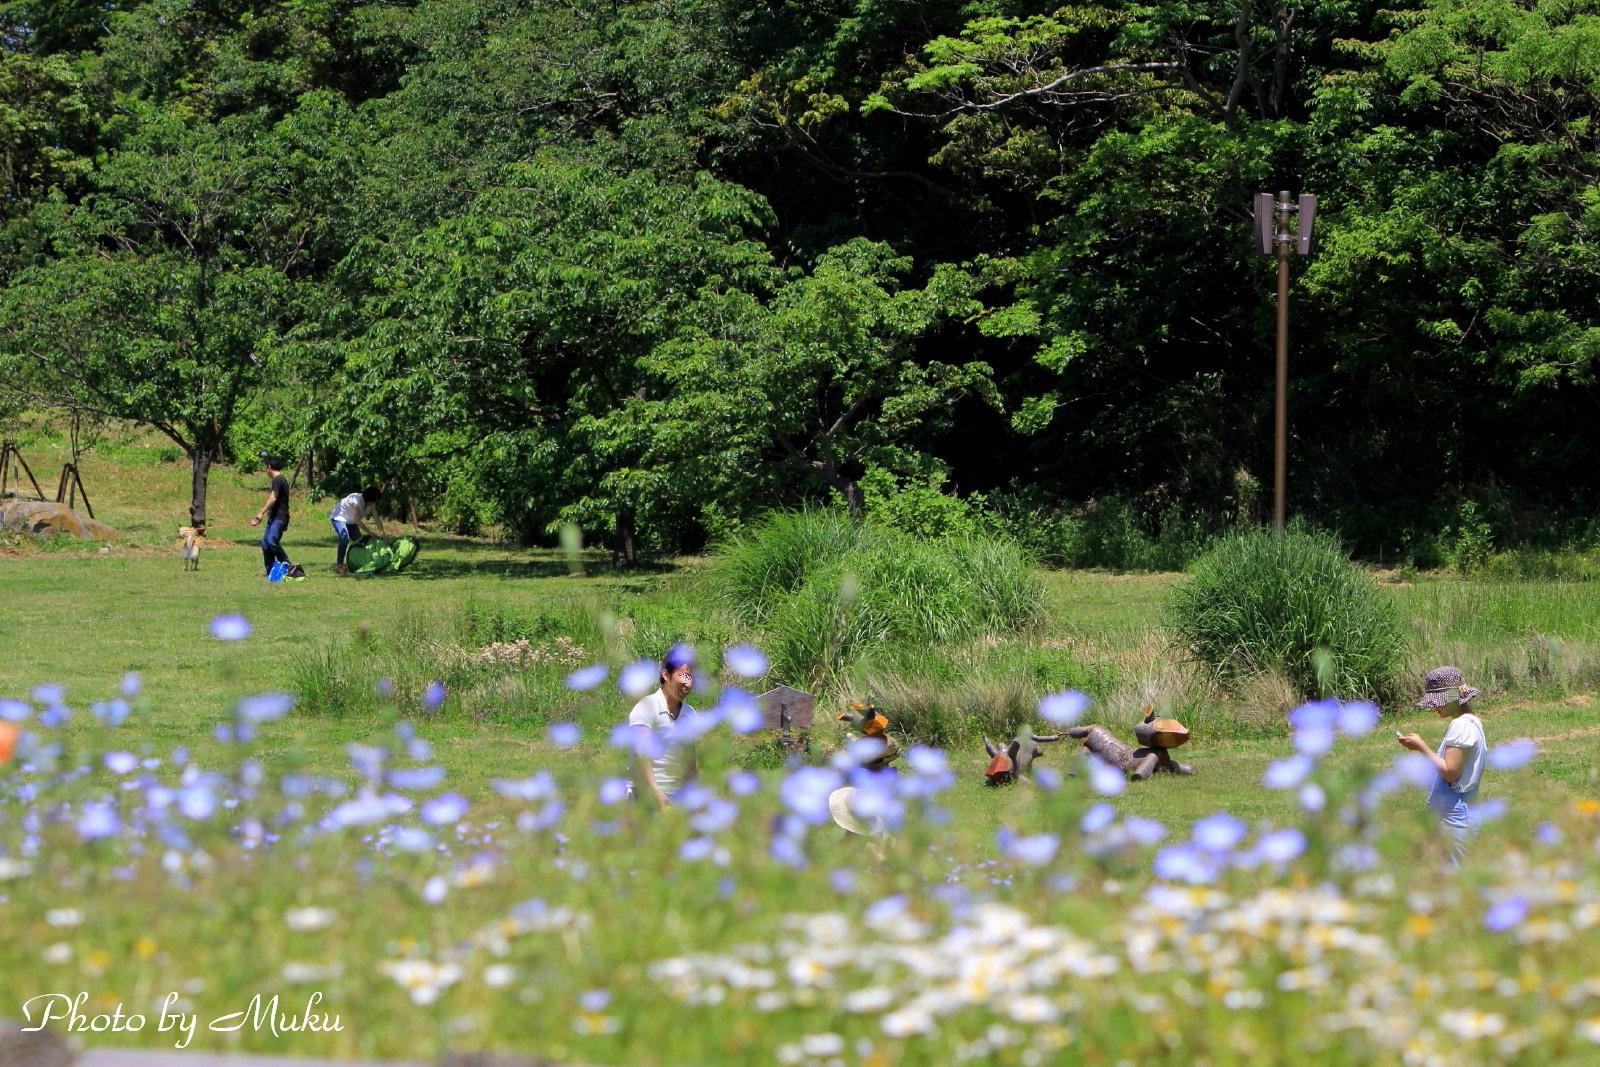 2014/05/18 花の広場(観音崎公園:神奈川県横須賀市)